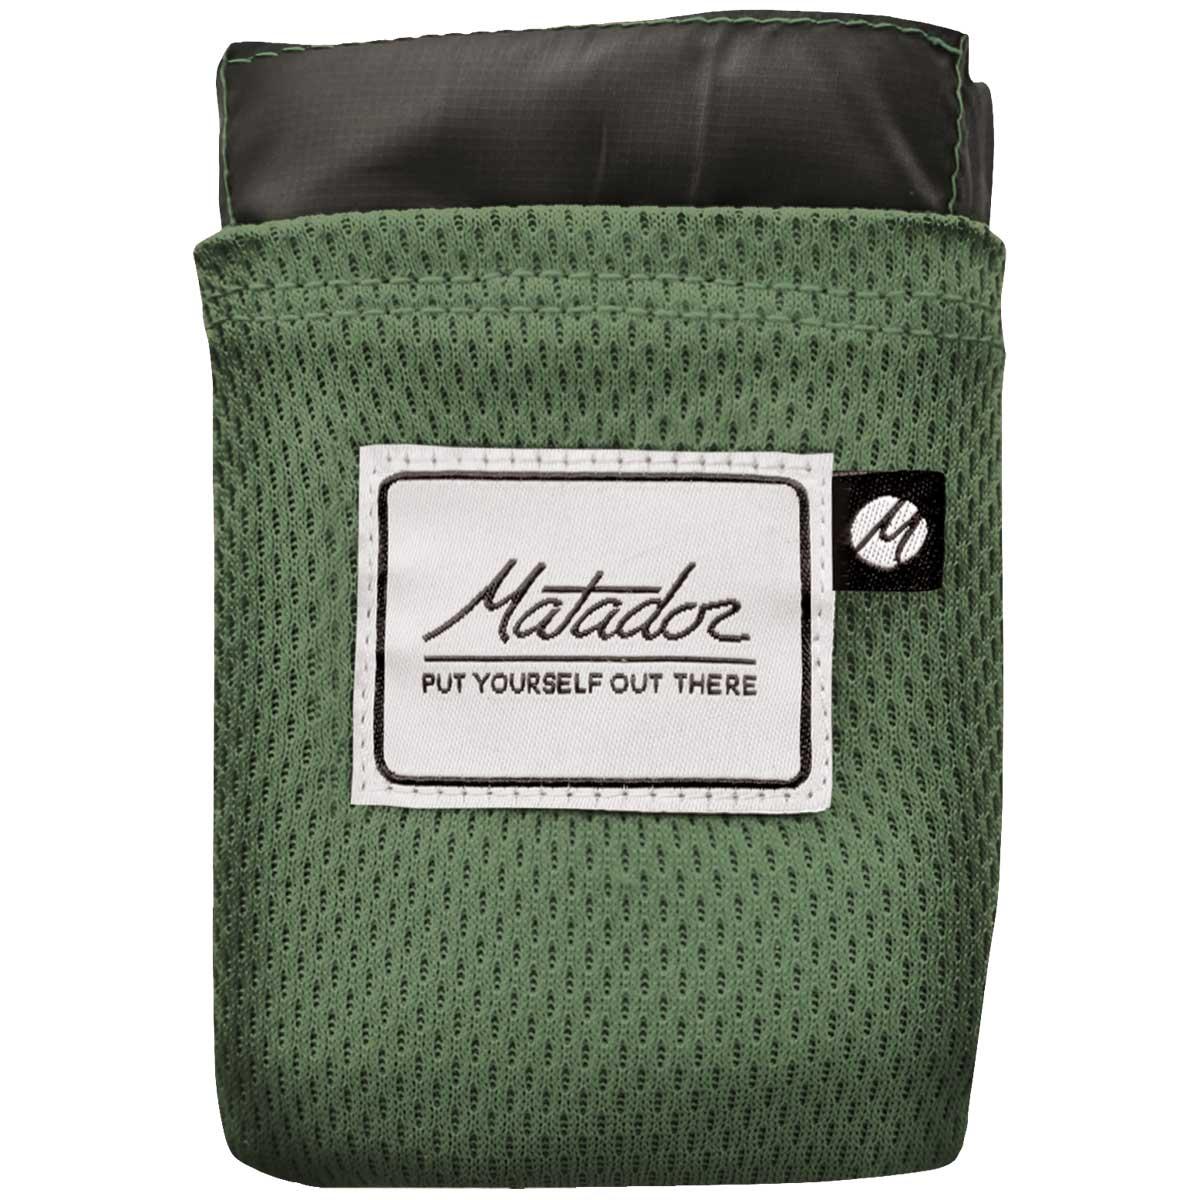 レジャーシート Matador ポケットブランケット バージョン2.0 ピクニックシート コンパクト マタドール Pocket Blanket 2.0 アルパイングリーン